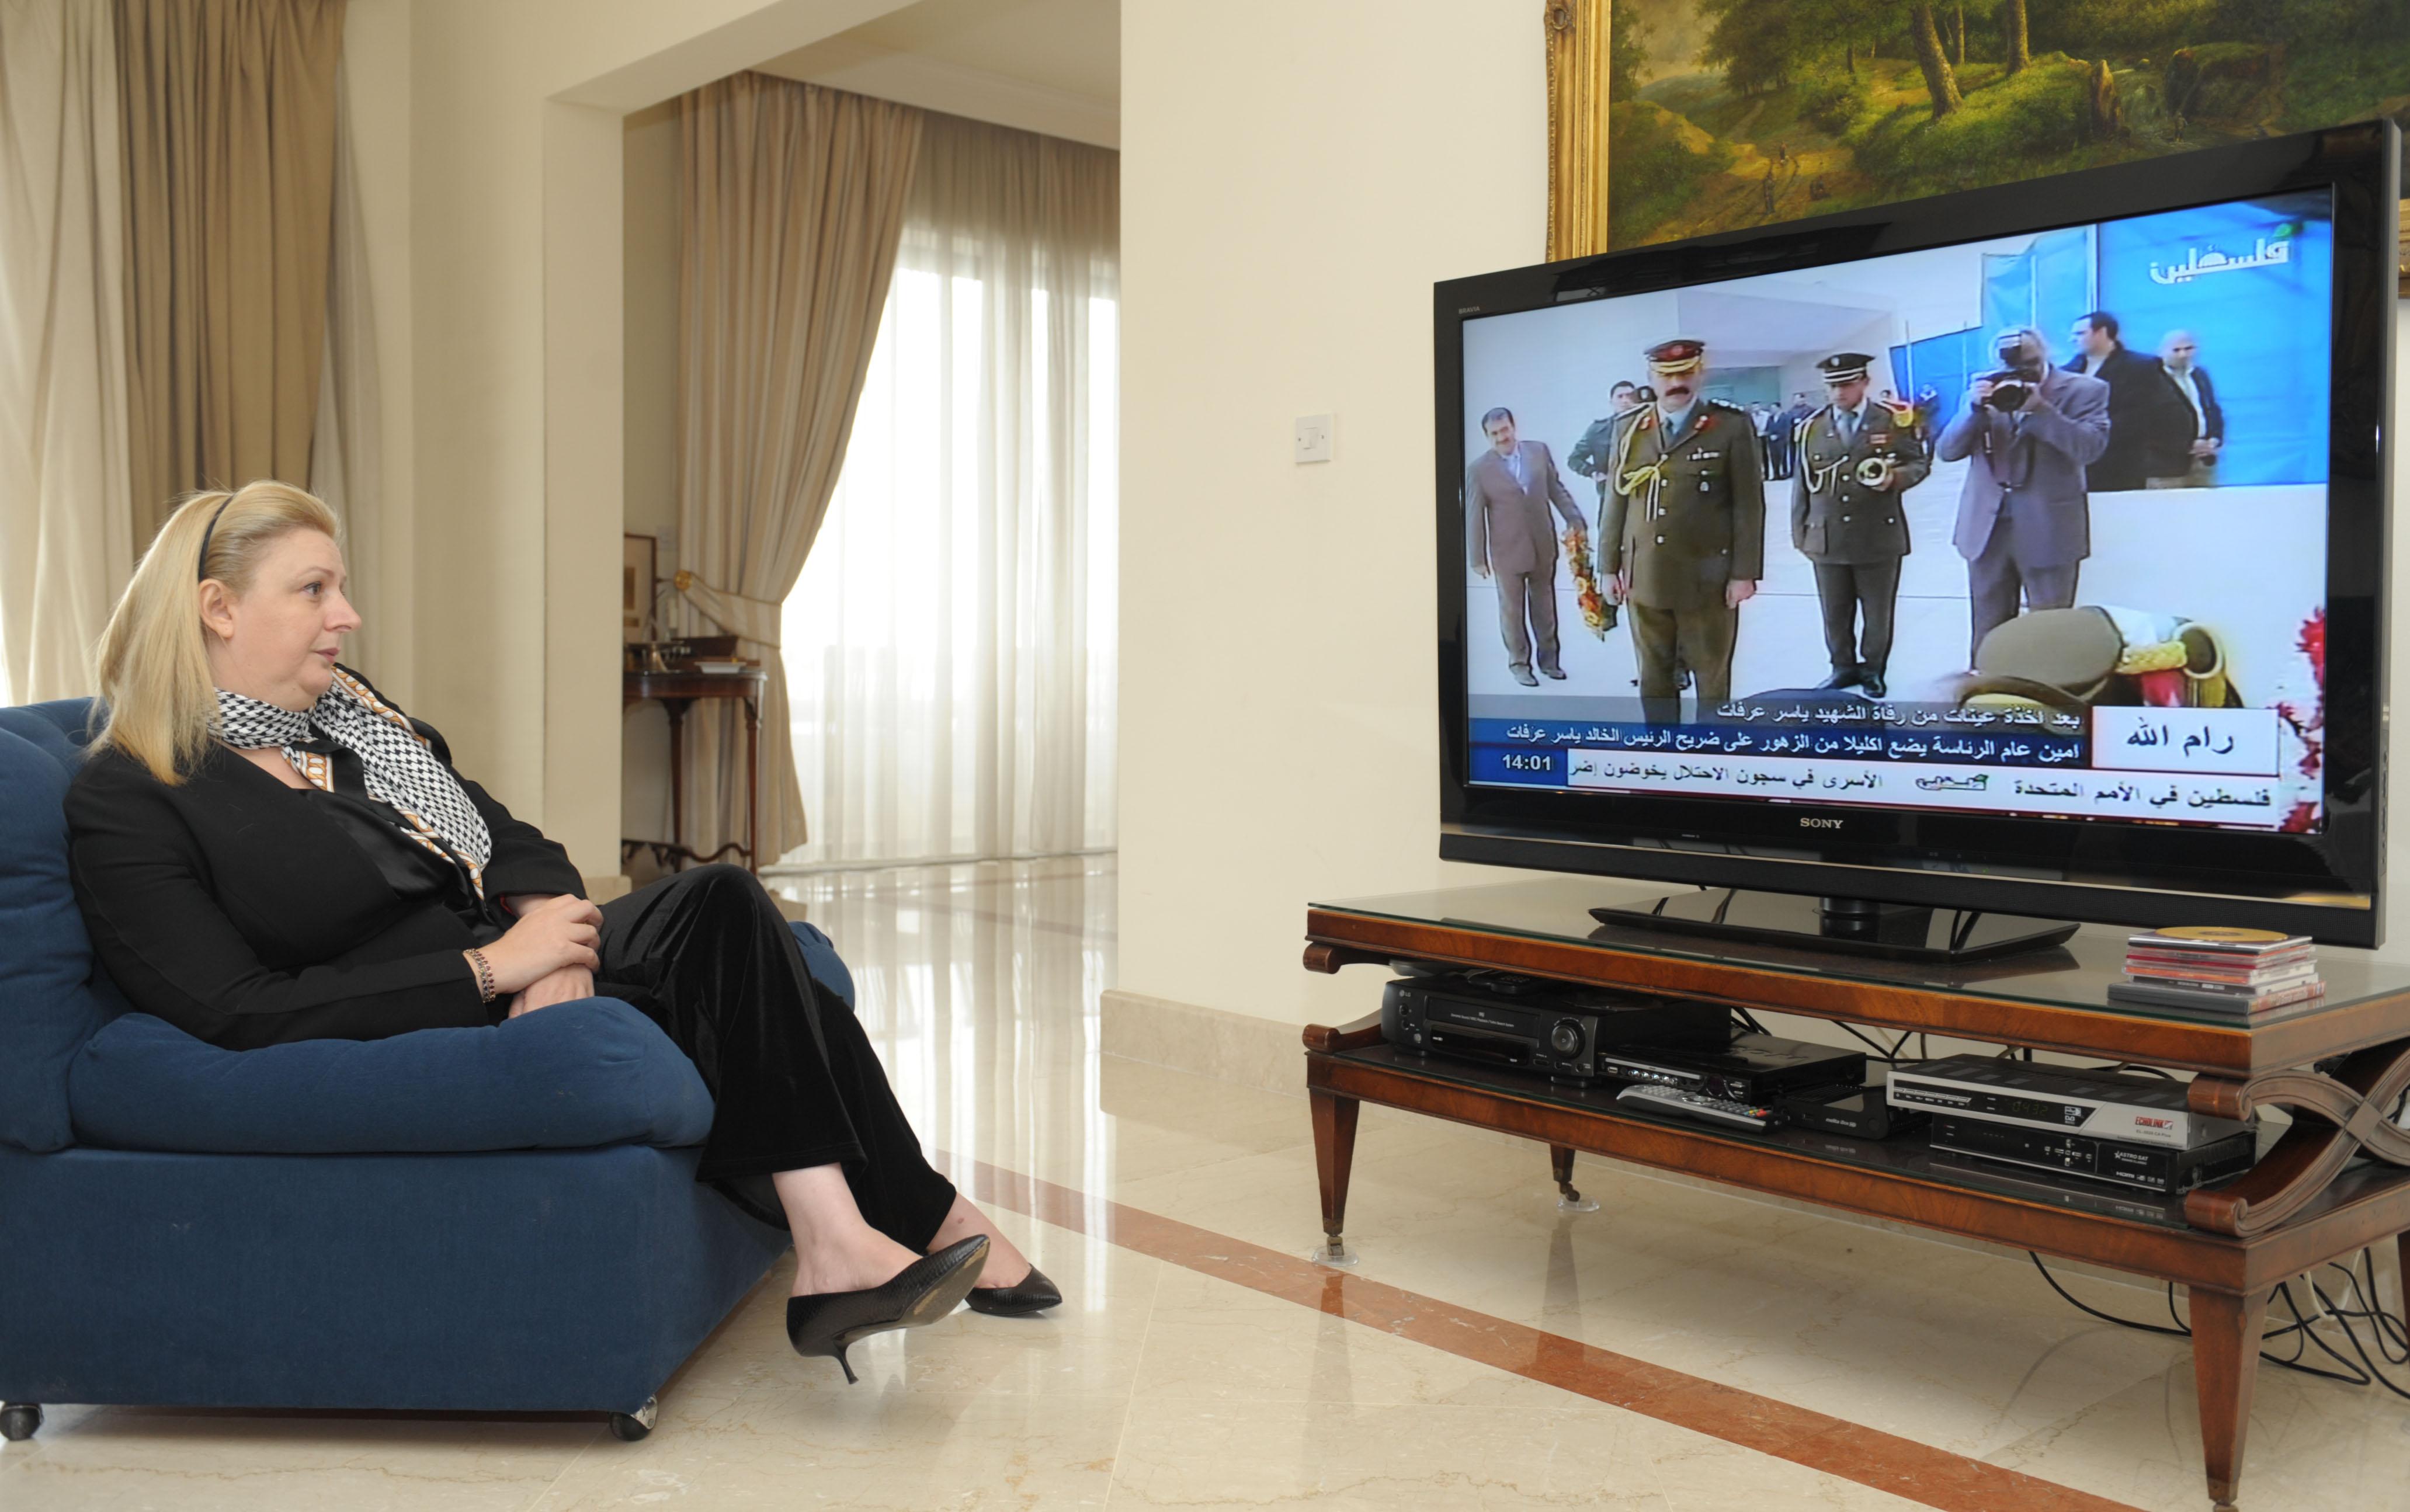 Вдова Арафата не против участия экспертов из РФ в экспертизе останков ее мужа